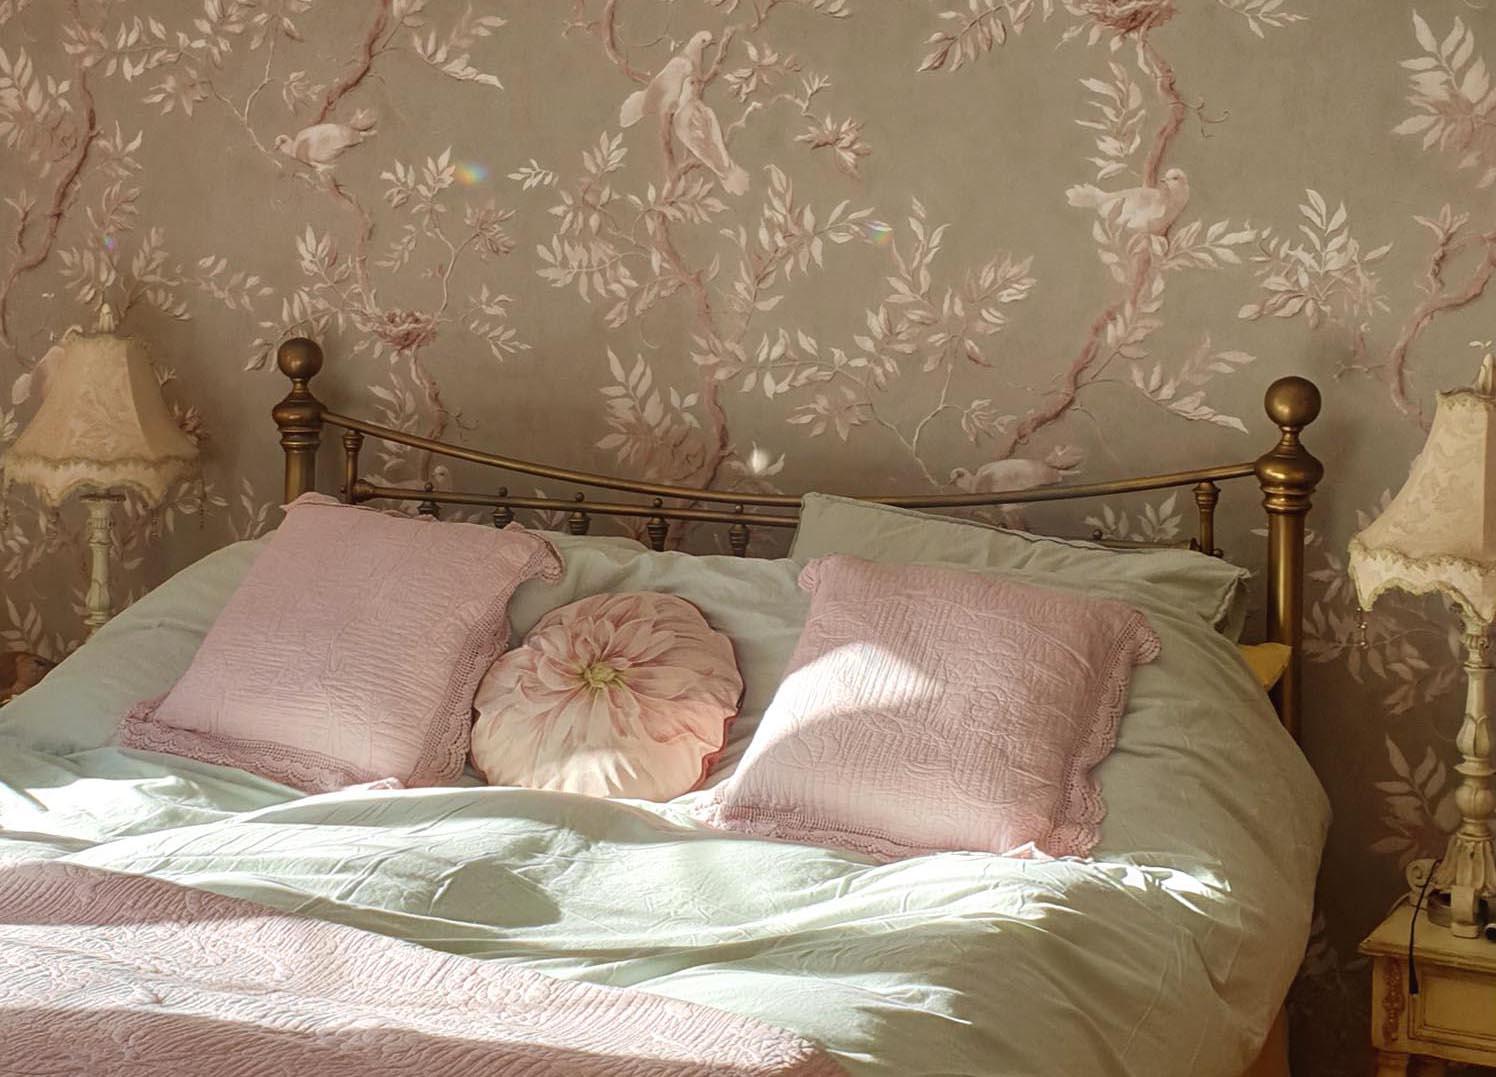 Cách chọn giấy dán tường Hàn Quốc cho phòng ngủ